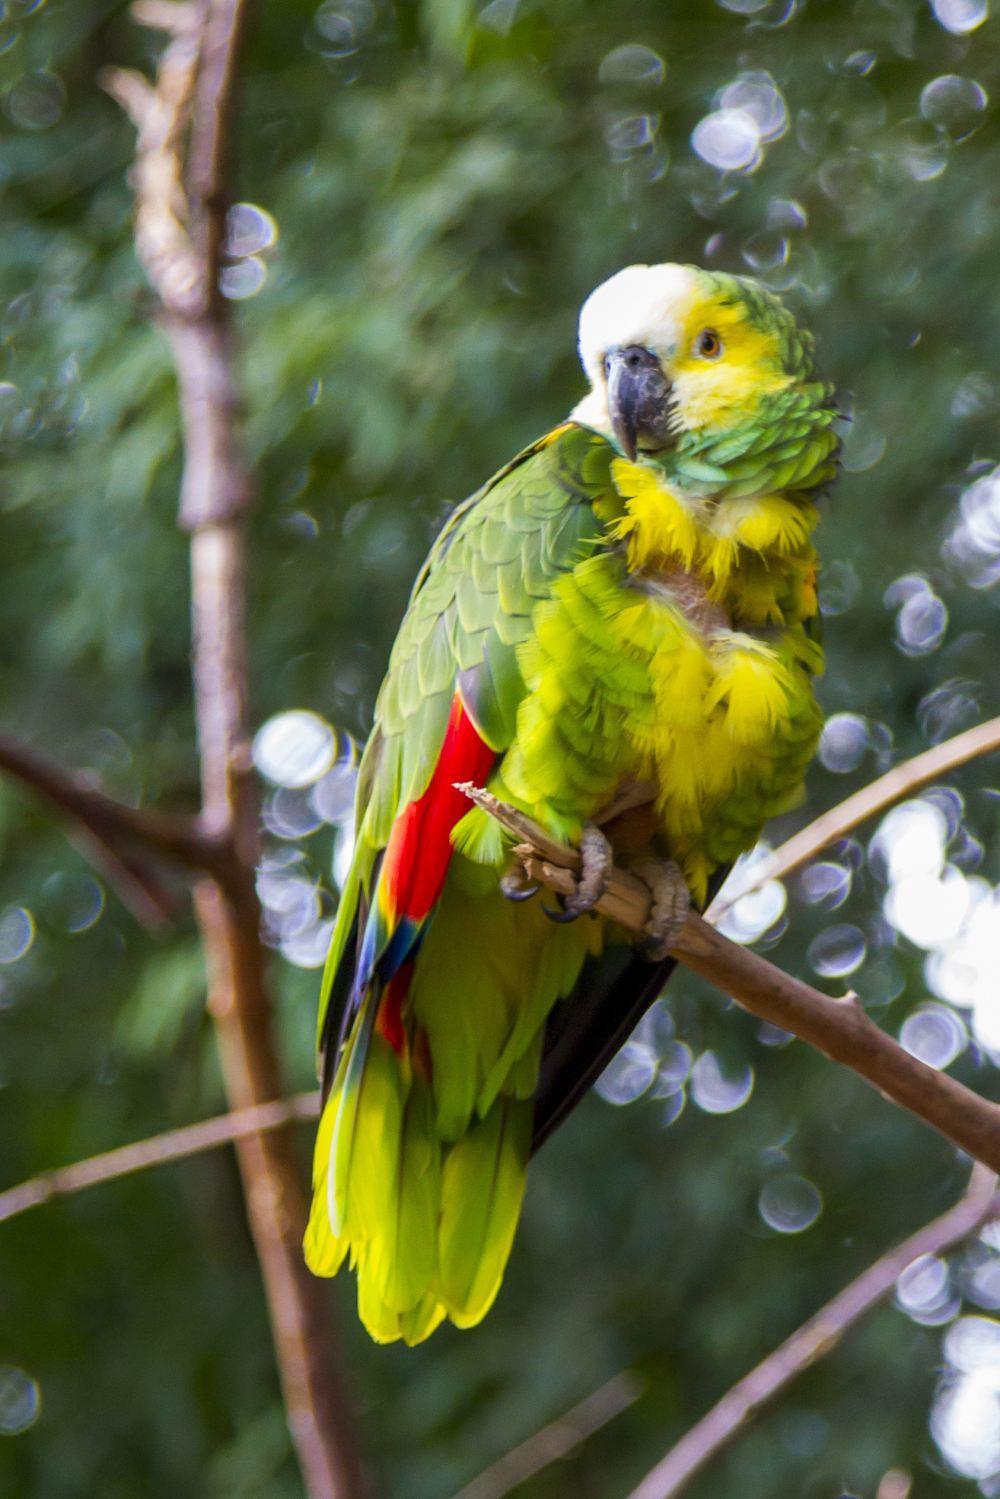 吉隆坡飞禽公园鸟类动物图片大全